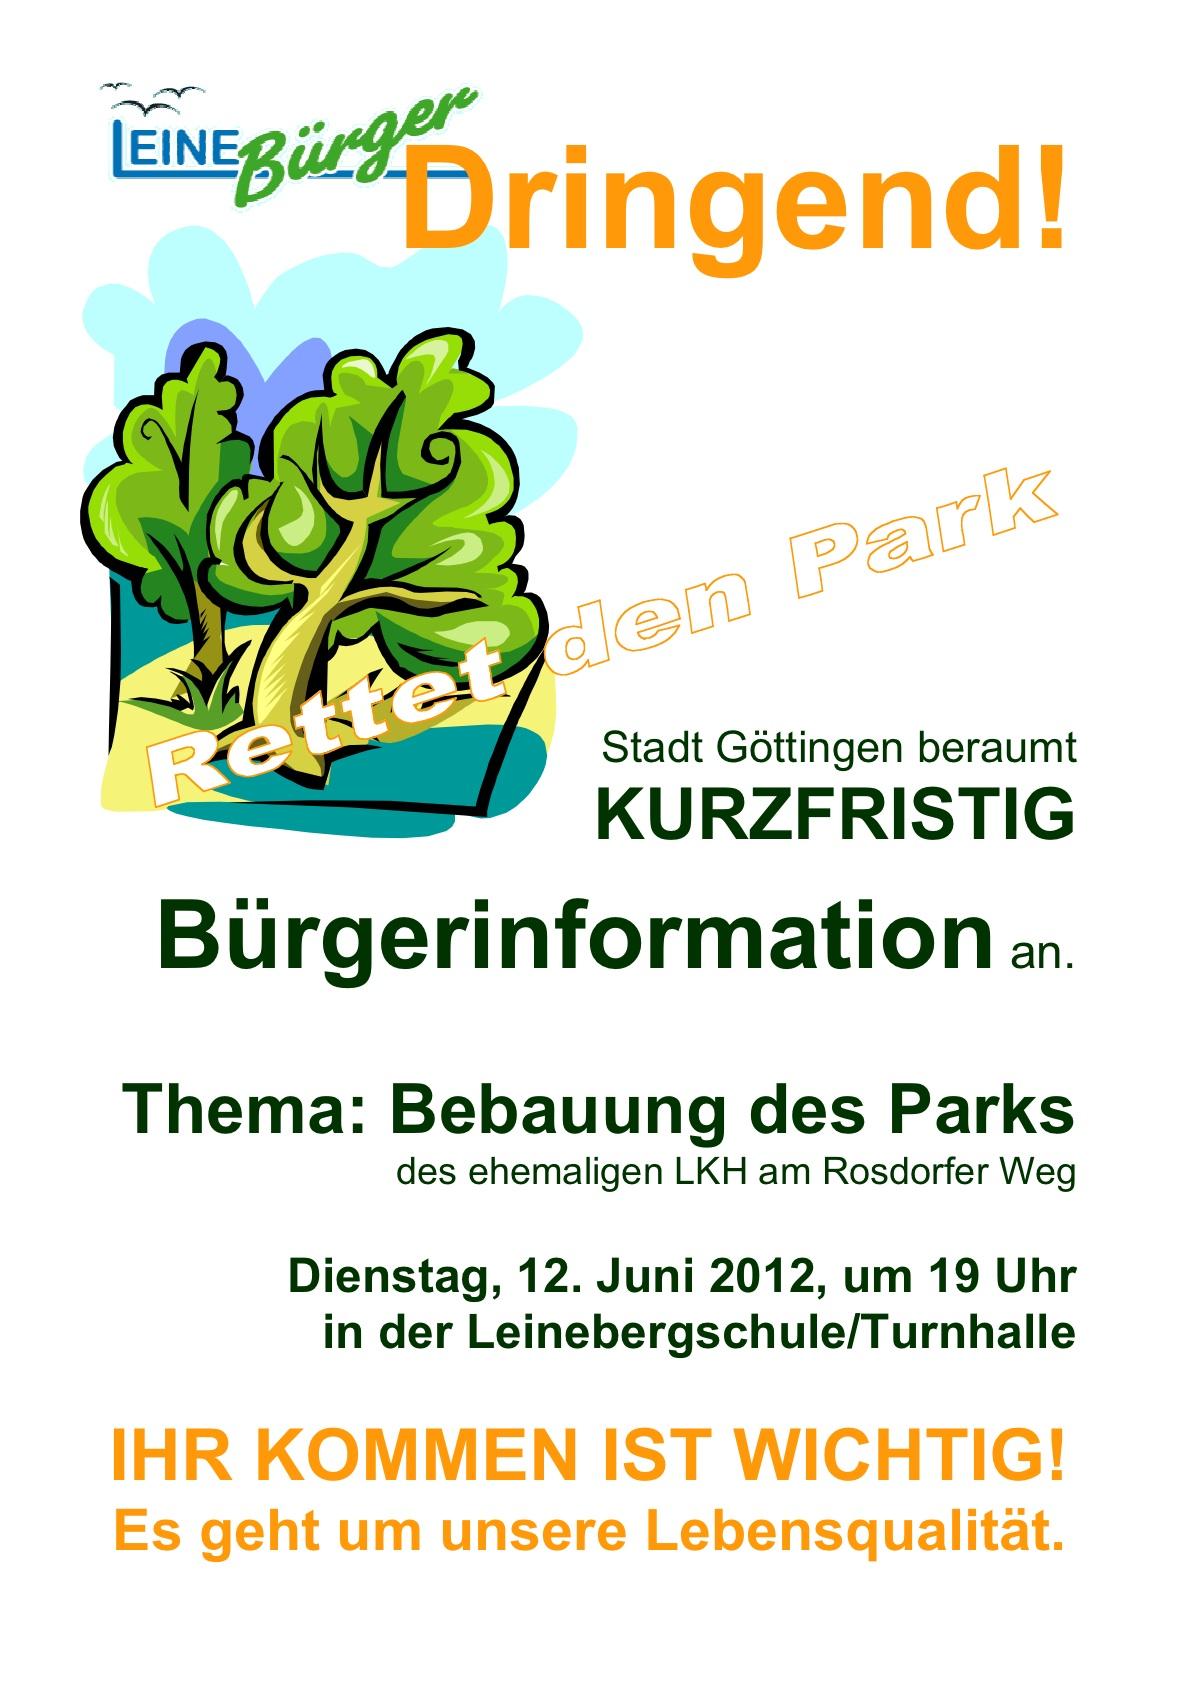 LeineBÜRGER informieren über kurzfristigen Bürgerinfotermin der Stadt